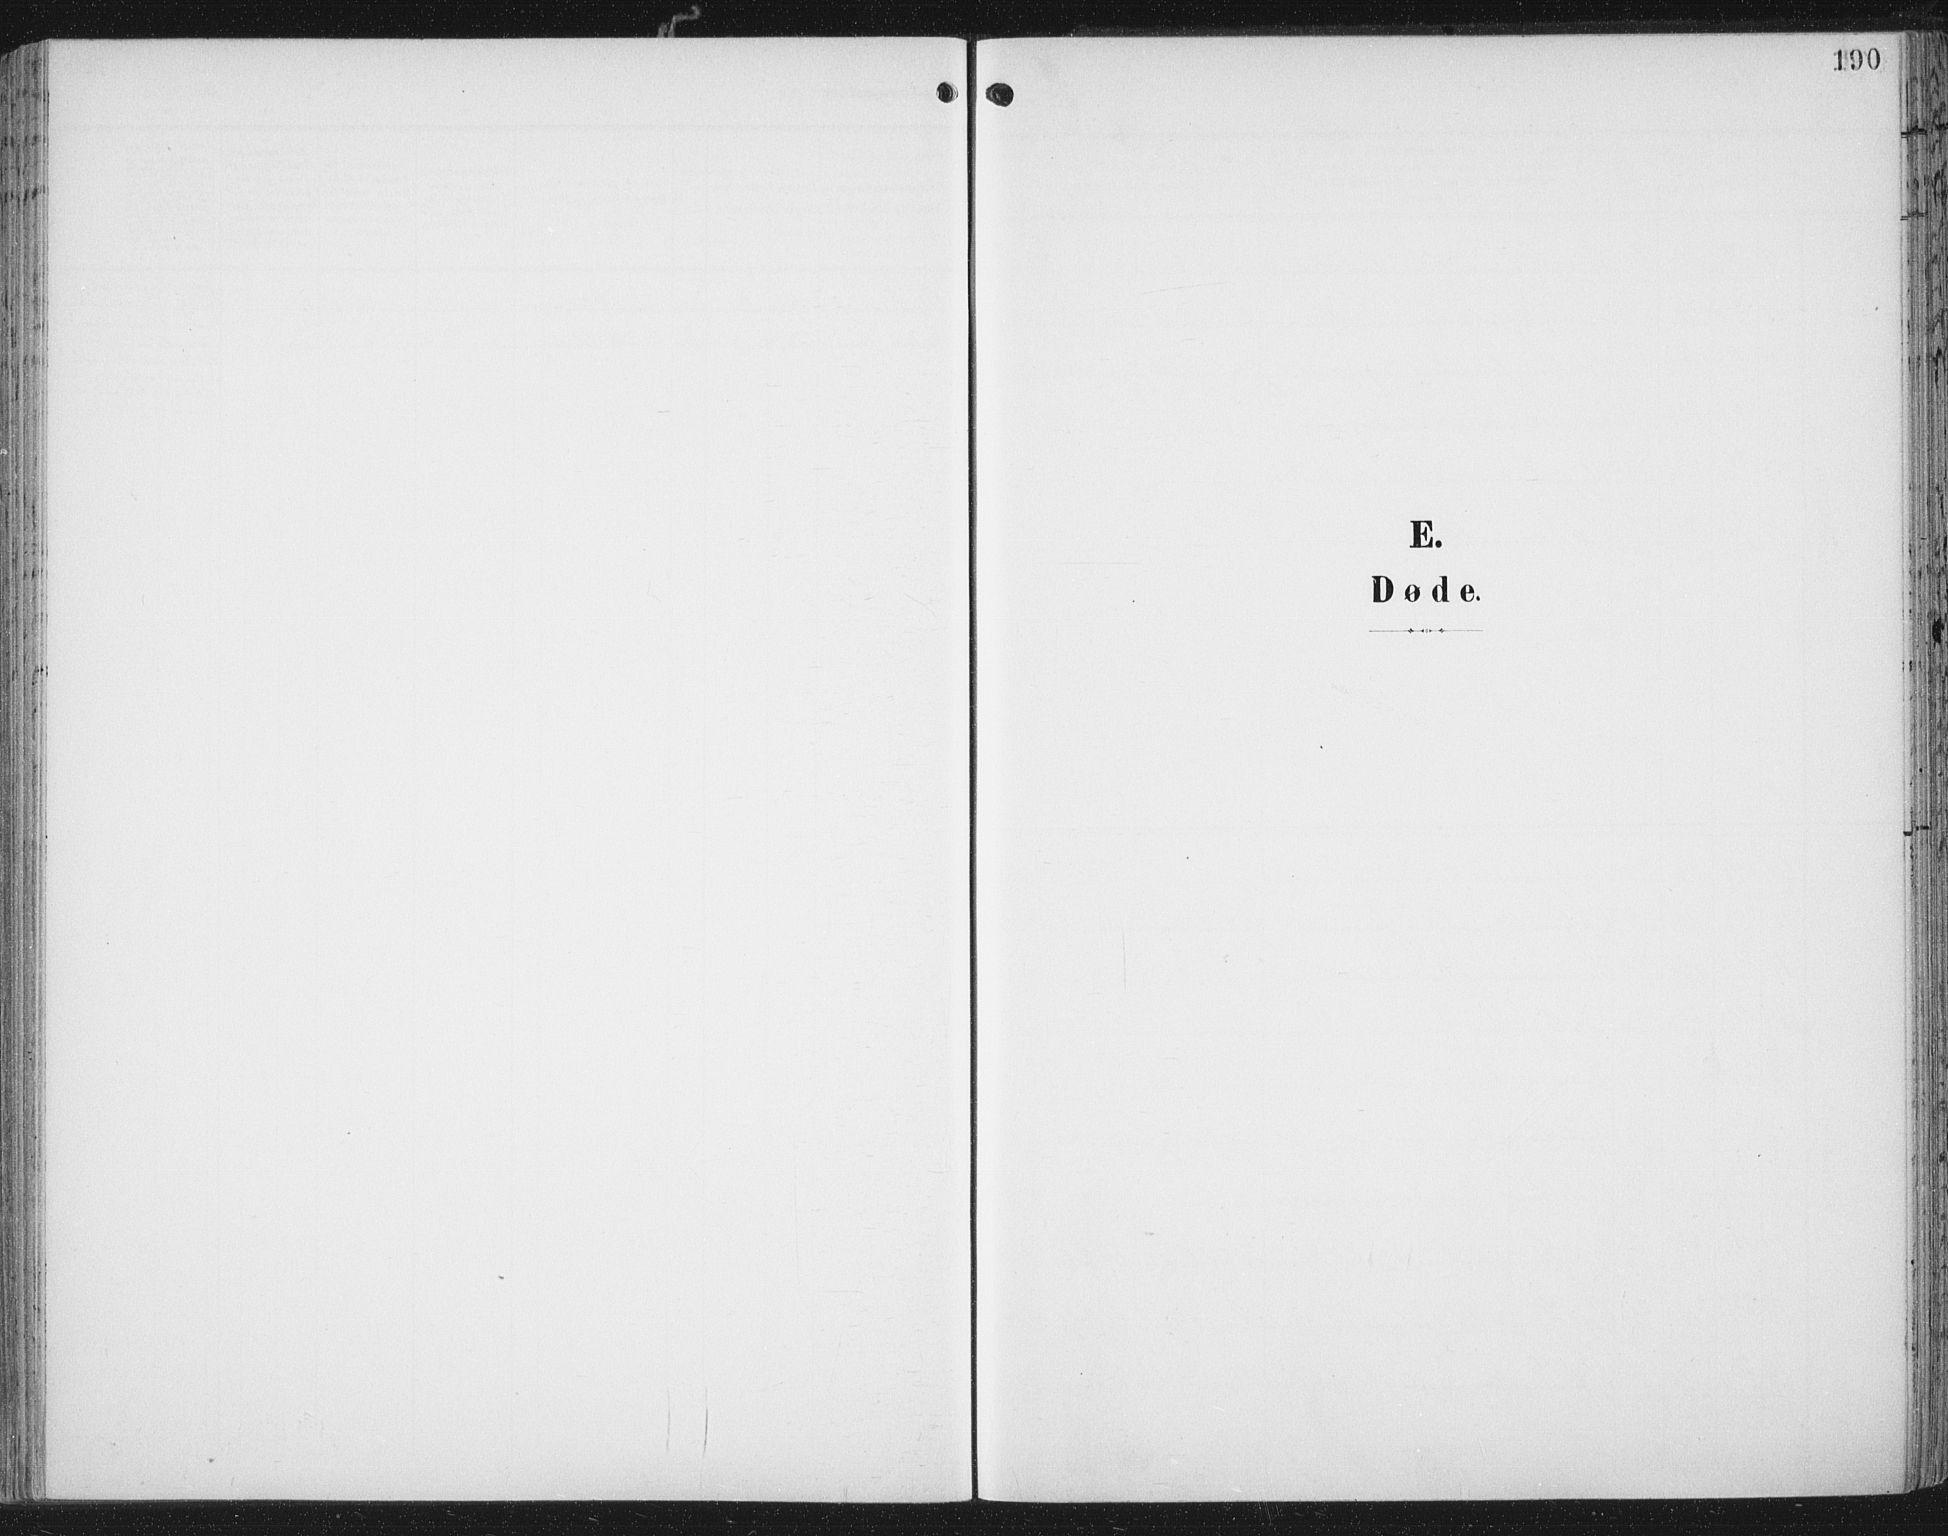 SAT, Ministerialprotokoller, klokkerbøker og fødselsregistre - Nord-Trøndelag, 701/L0011: Ministerialbok nr. 701A11, 1899-1915, s. 190